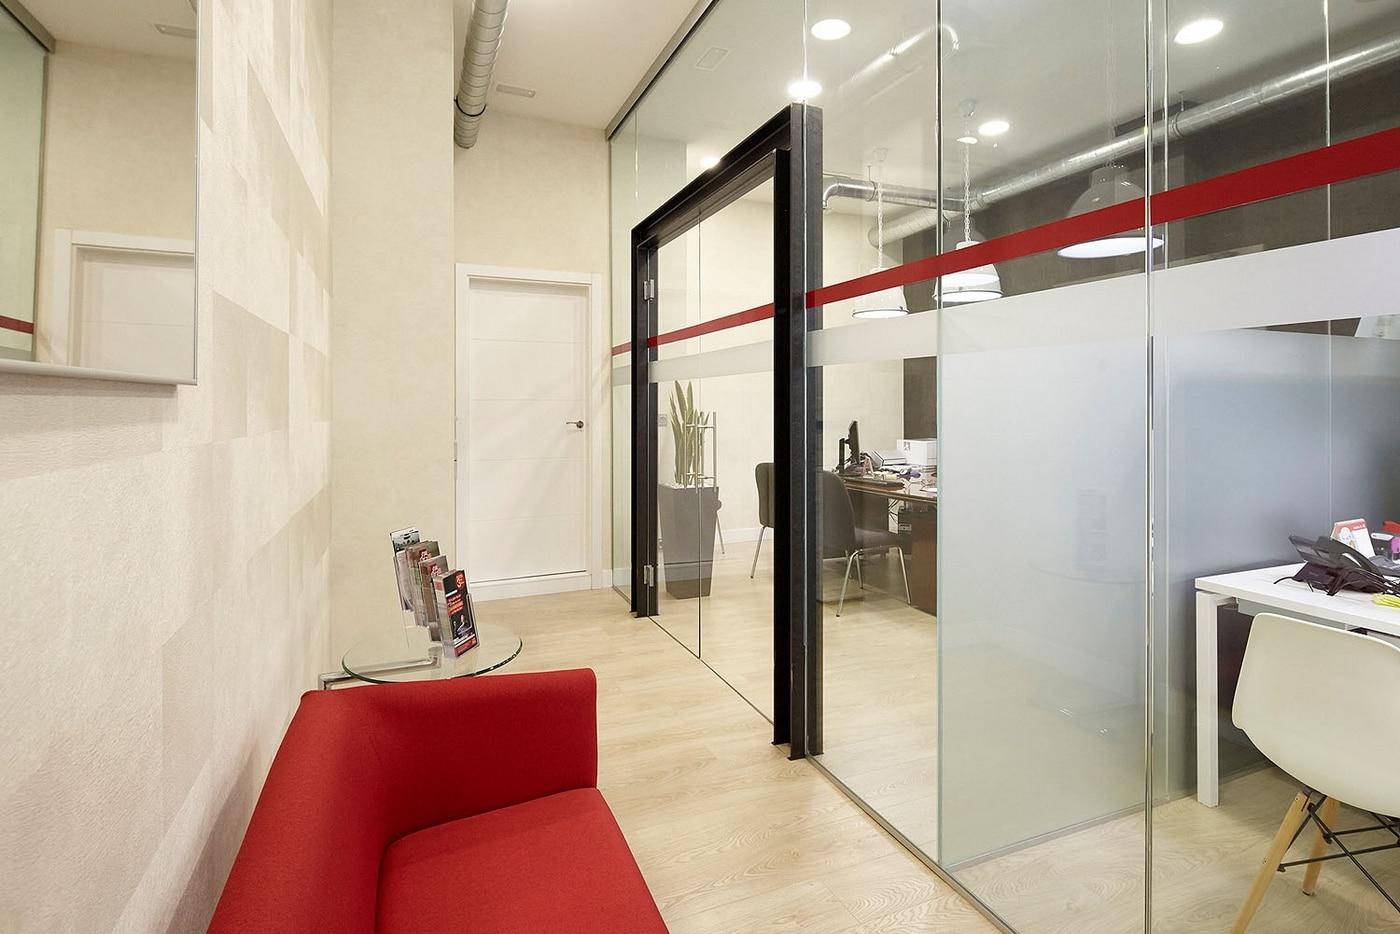 Oficina de seguros generali jon decoraci n estudio de interiorismo y reformas en ordizia - Estudios de interiorismo y decoracion ...